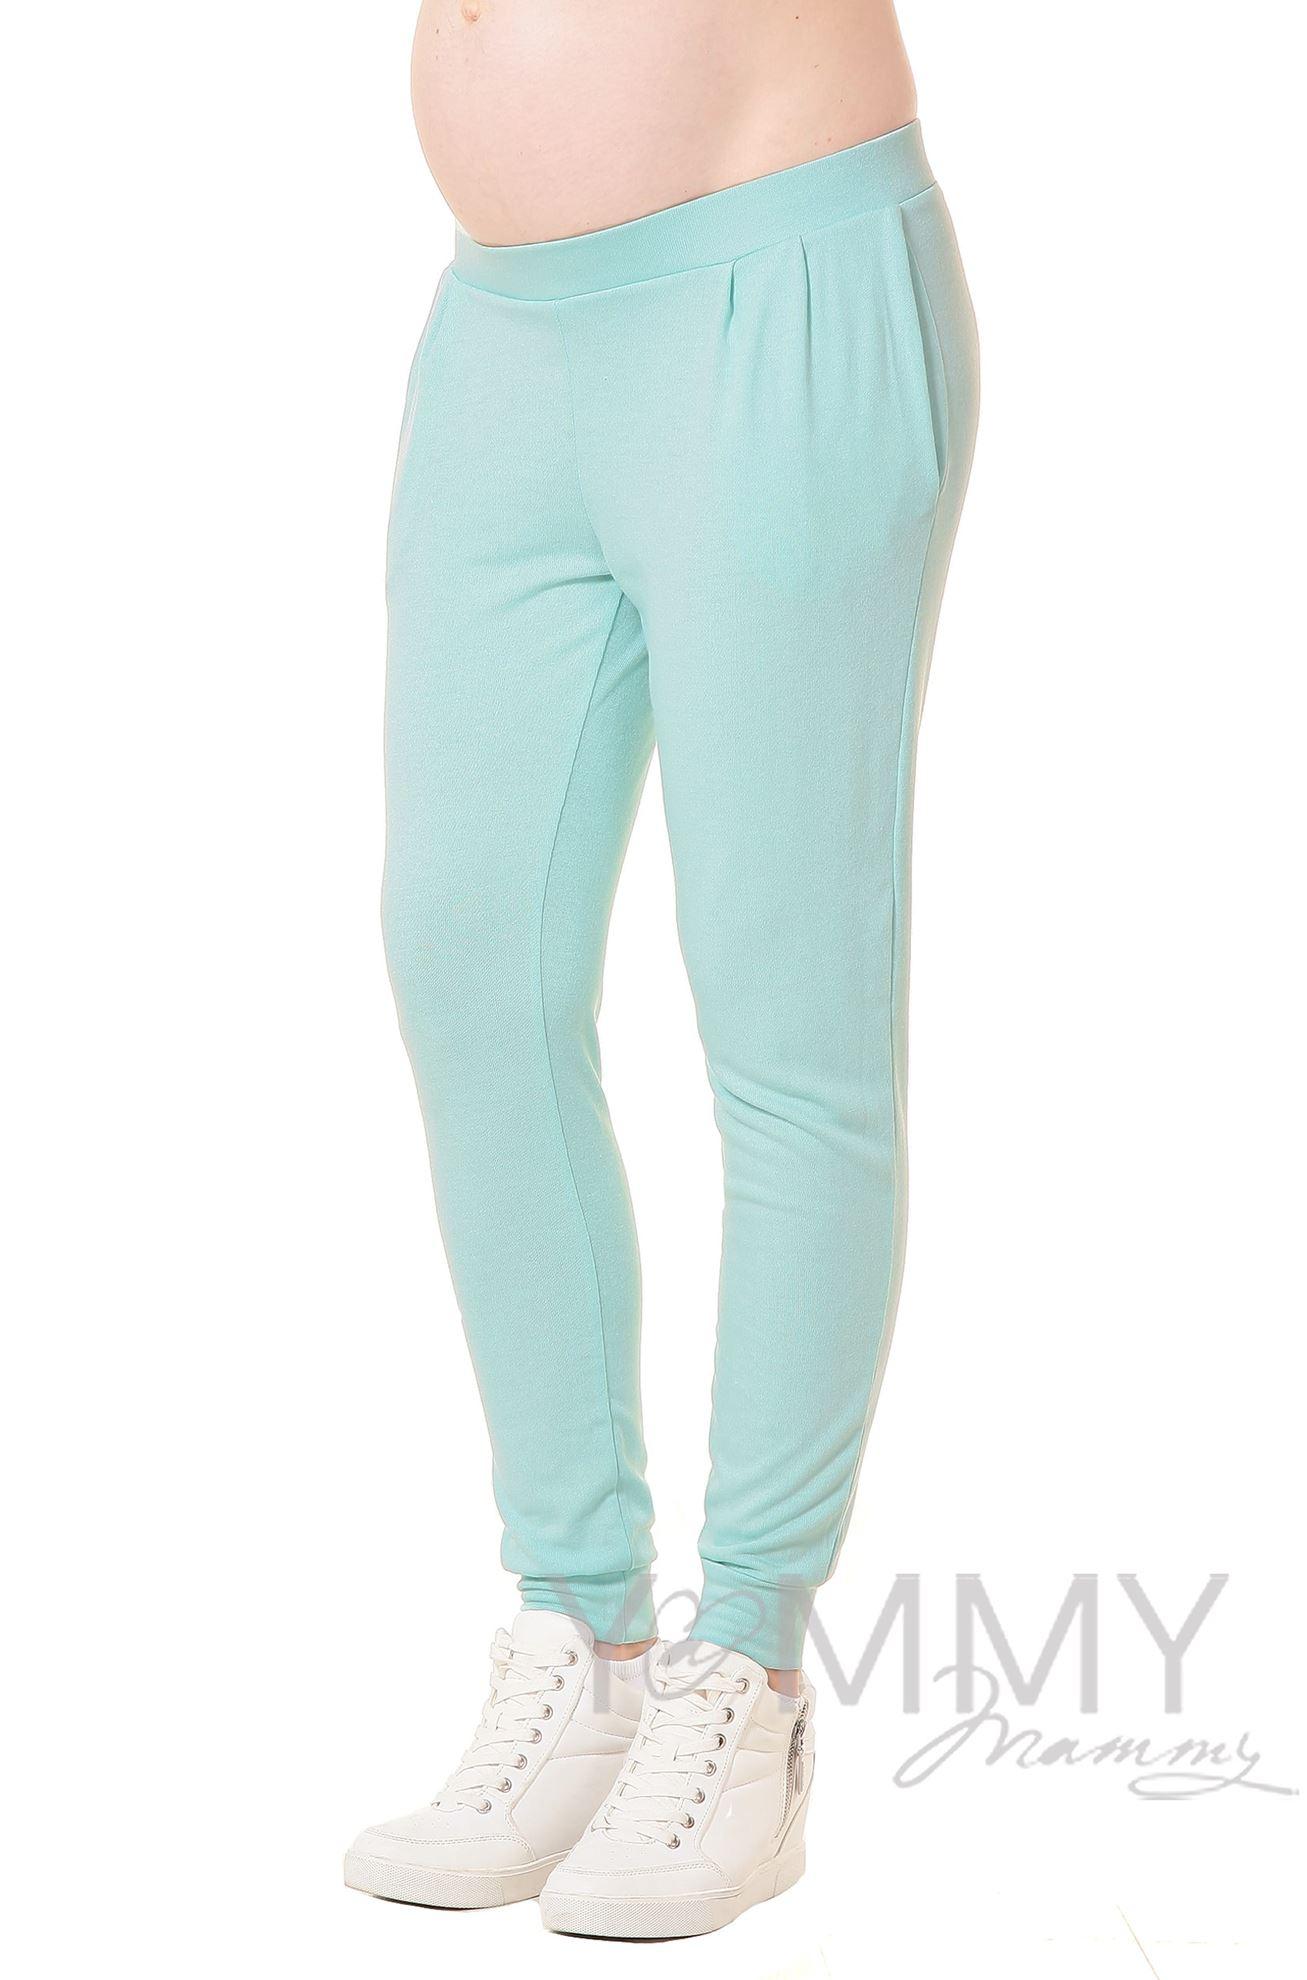 Изображение                               Универсальные брюки со складками ментоловые